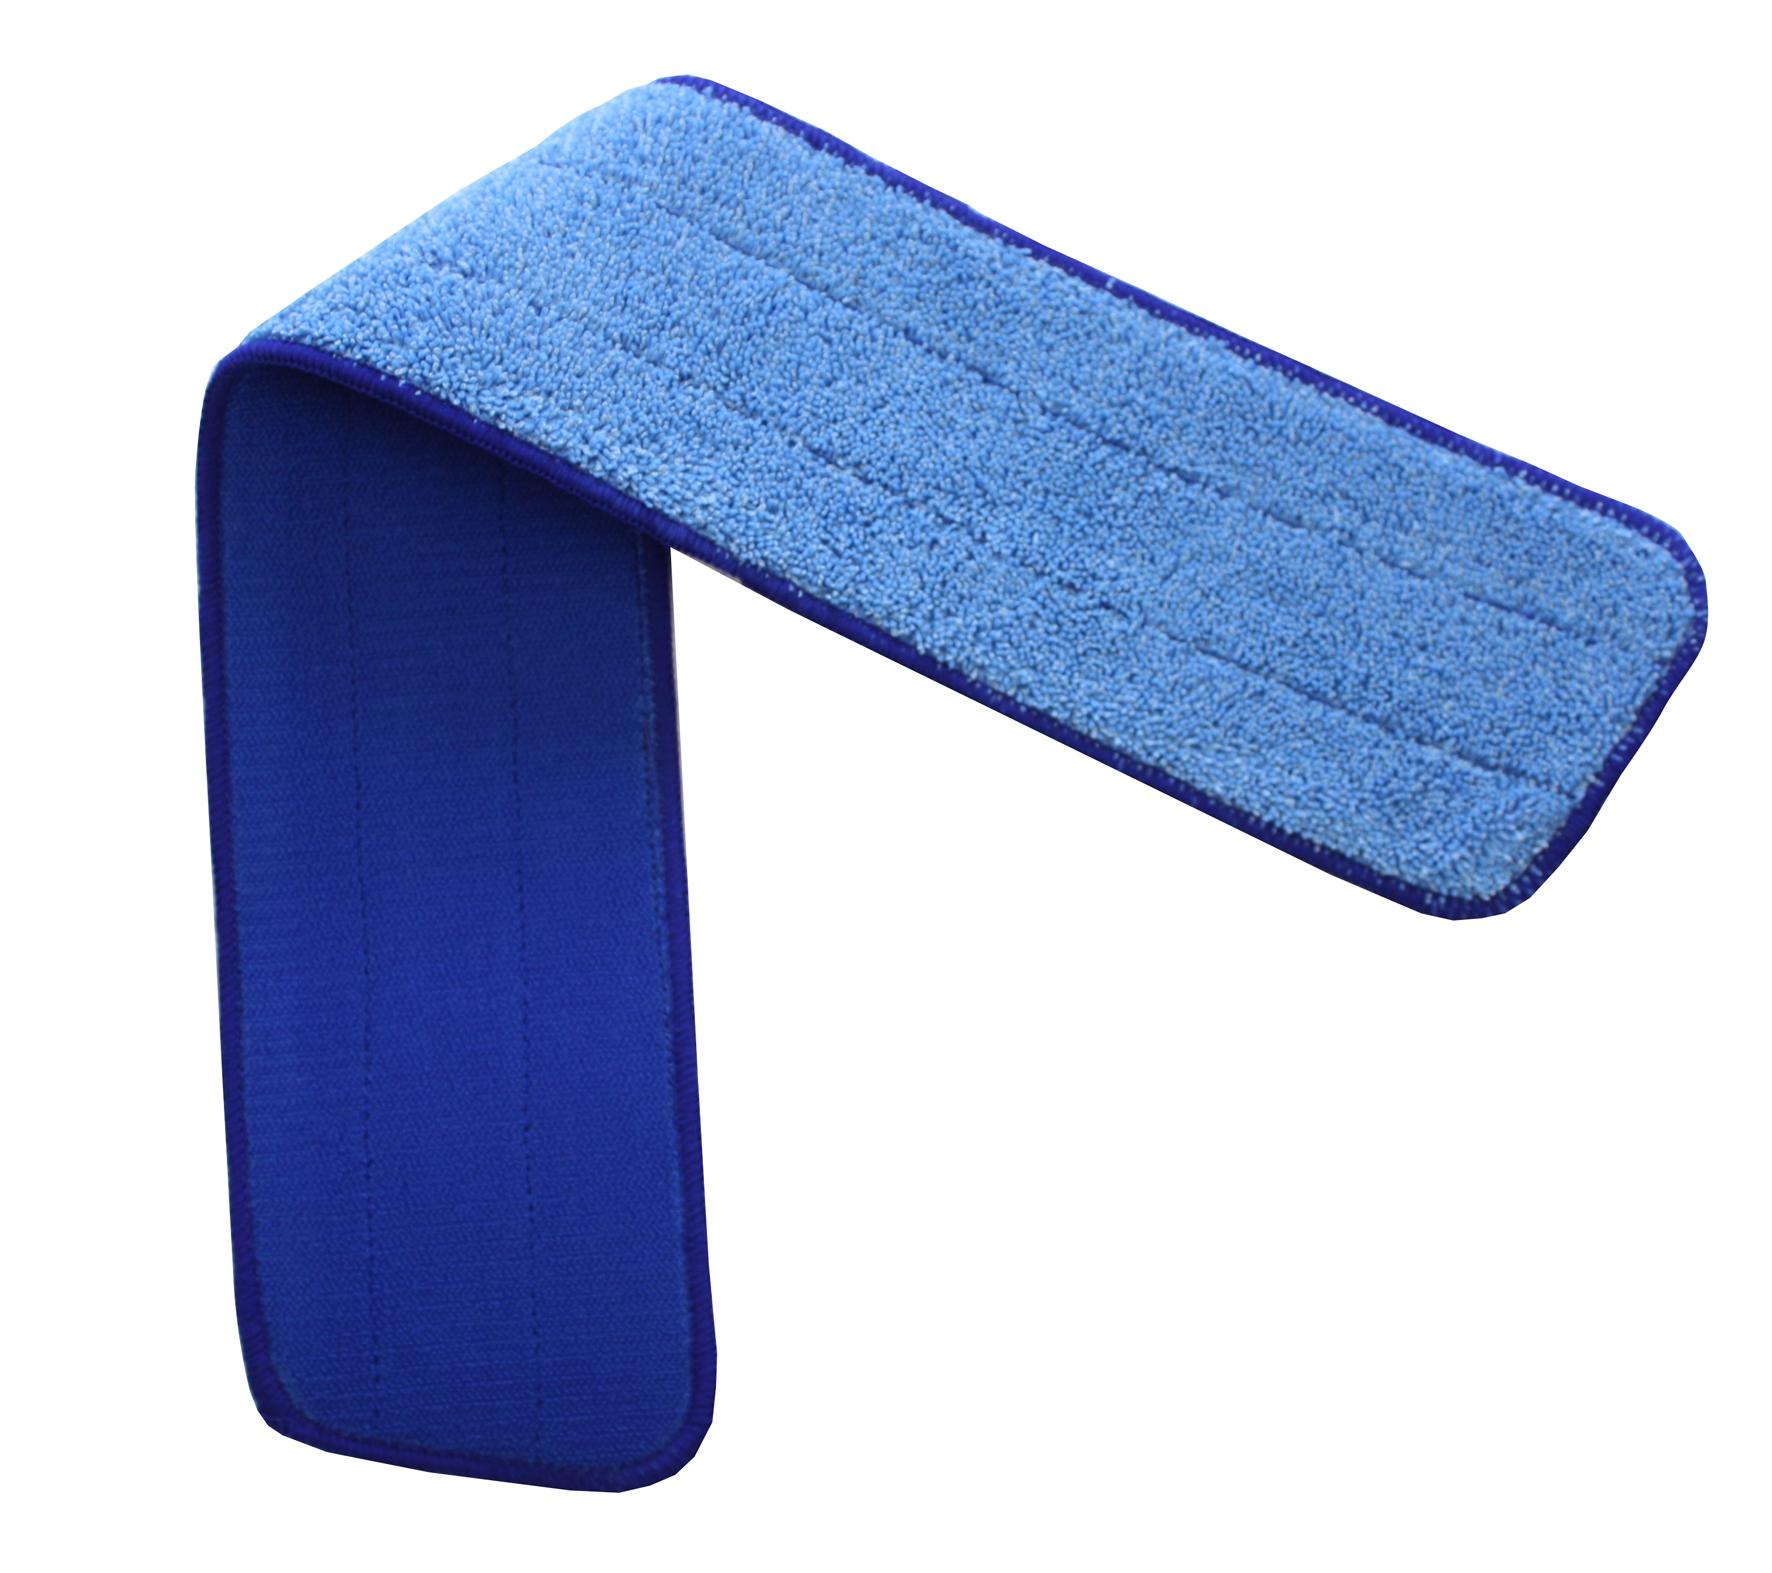 HT Mopp 60cm, krõpsuga, mikrokiud, sile, sinine, värvikoodid